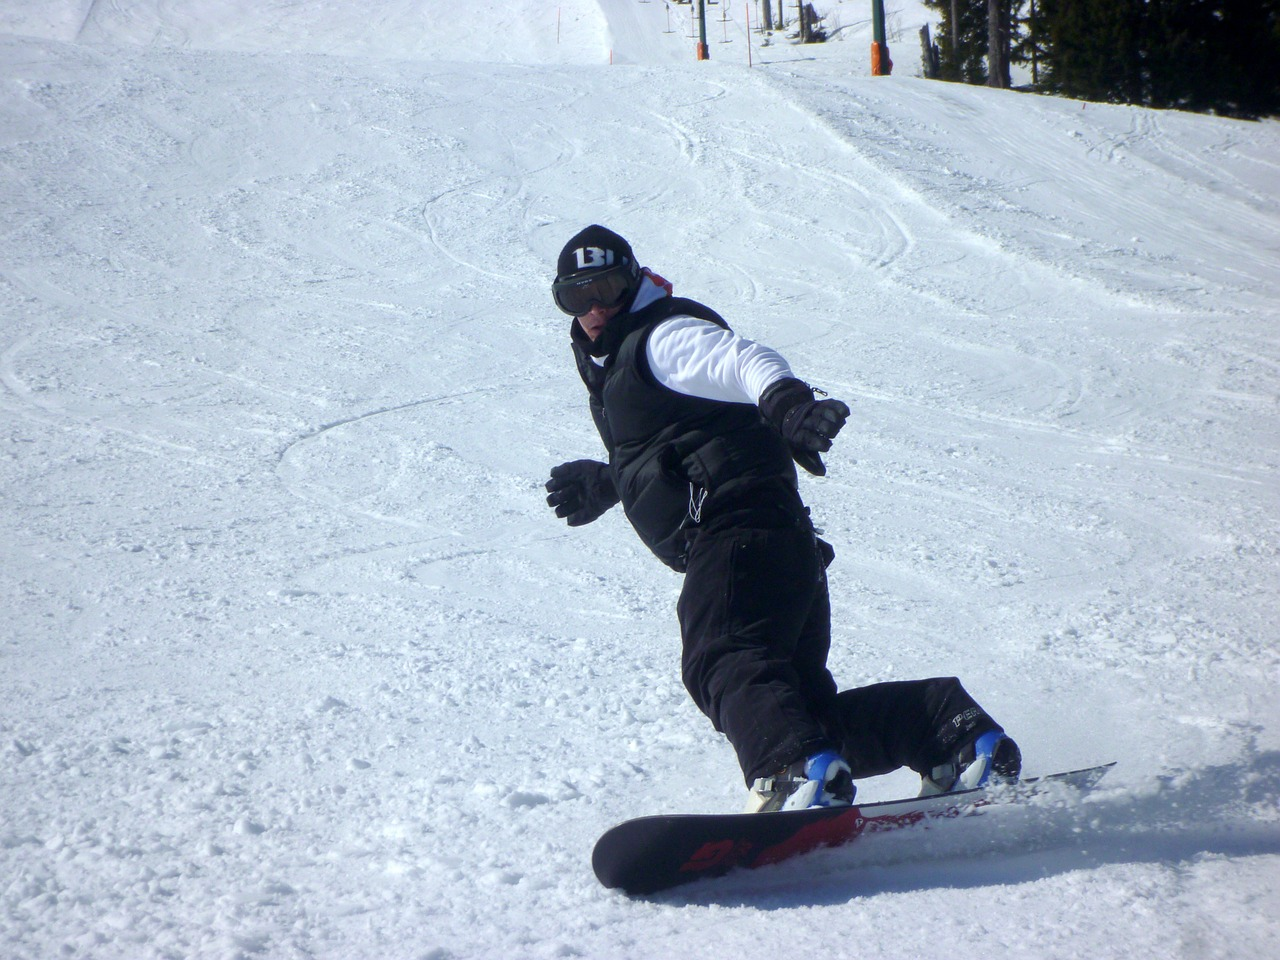 Sélectionner un équipement de ski adapté à son niveau